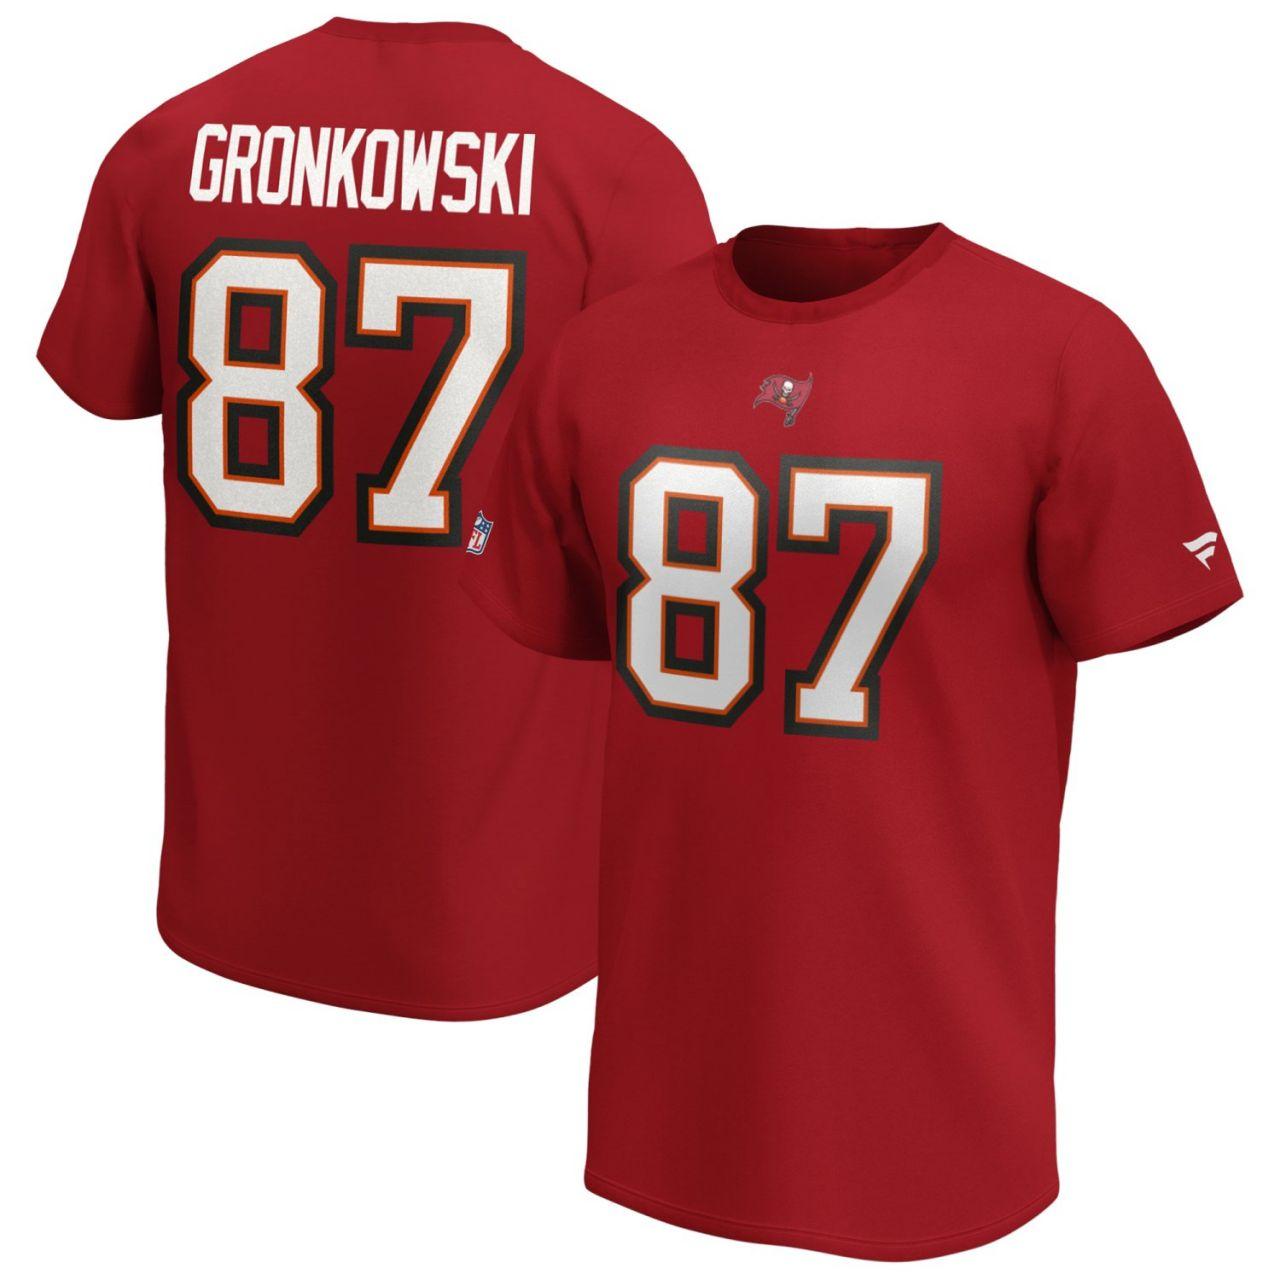 amfoo - Tampa Bay Buccaneers NFL Shirt #87 Rob Gronkowski